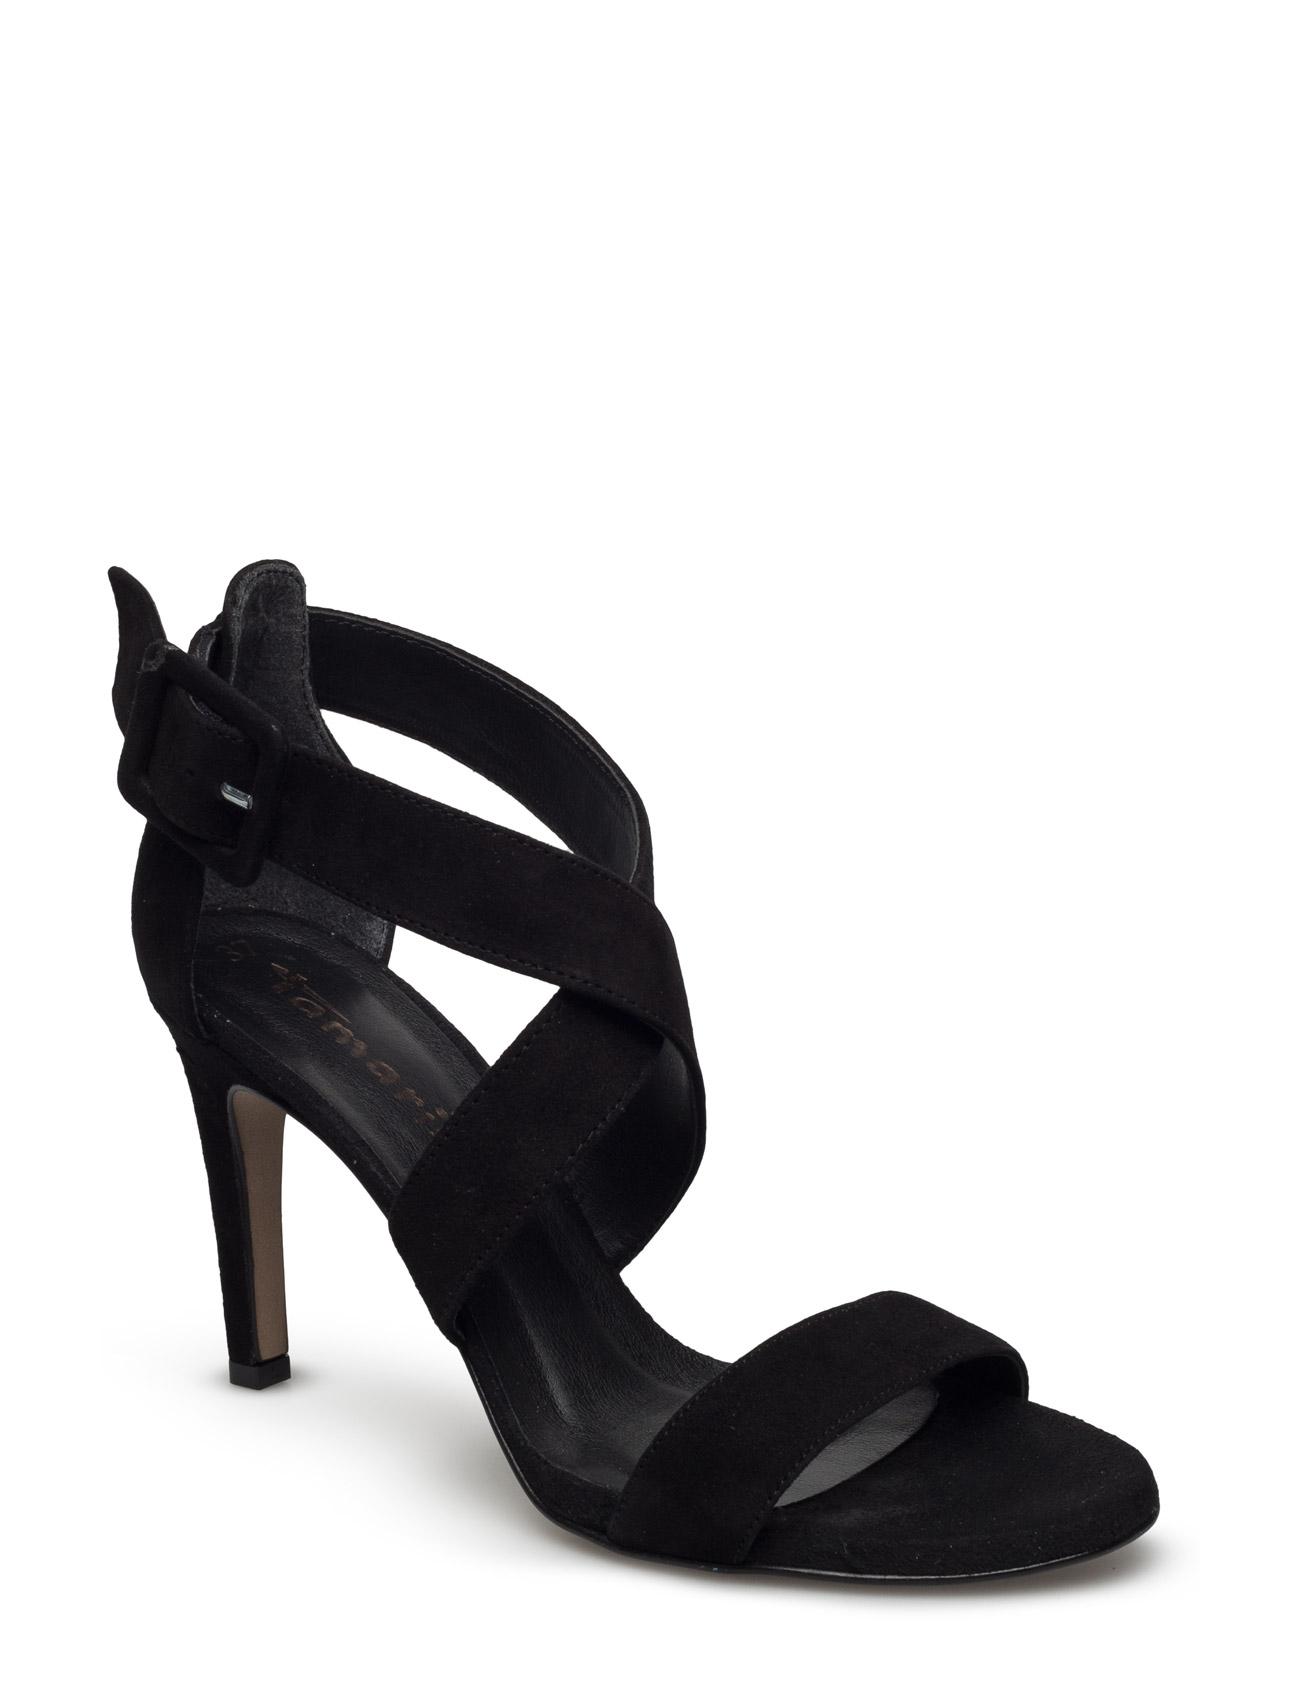 Woms Sandals - Silvia Tamaris Sandaler